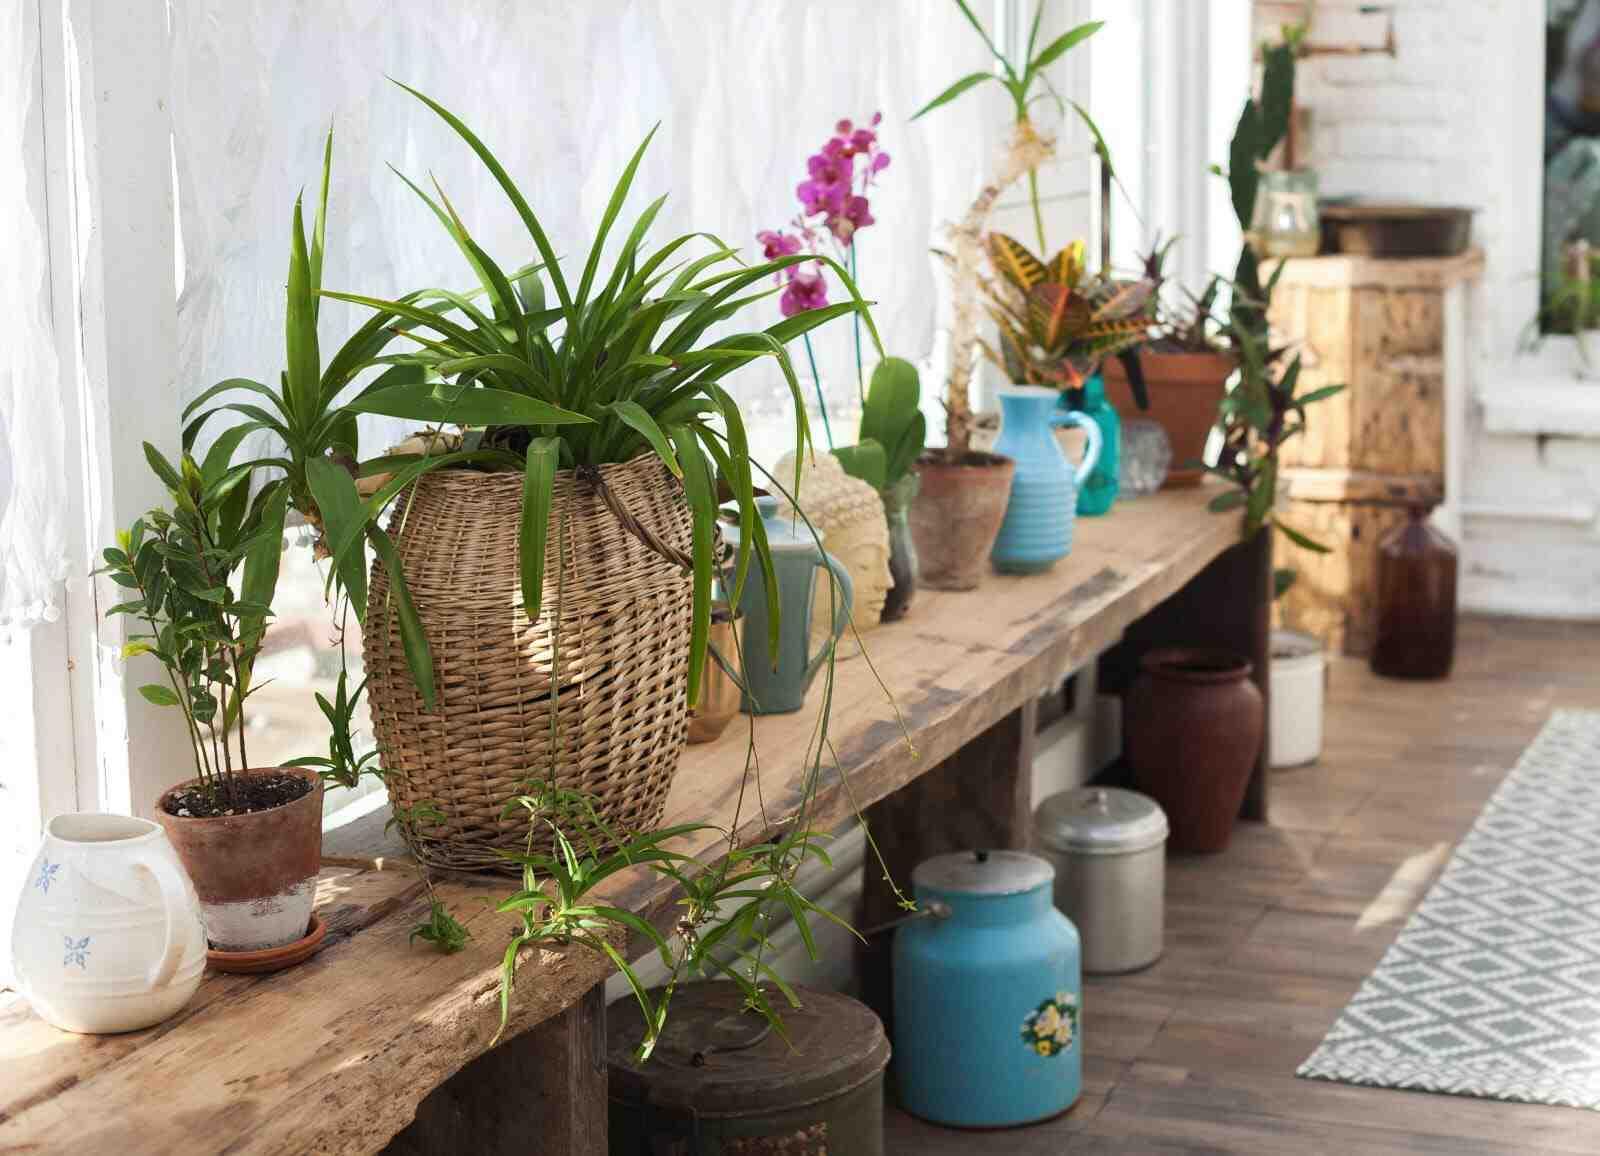 Comment nourrir vos plantes d'intérieur ?